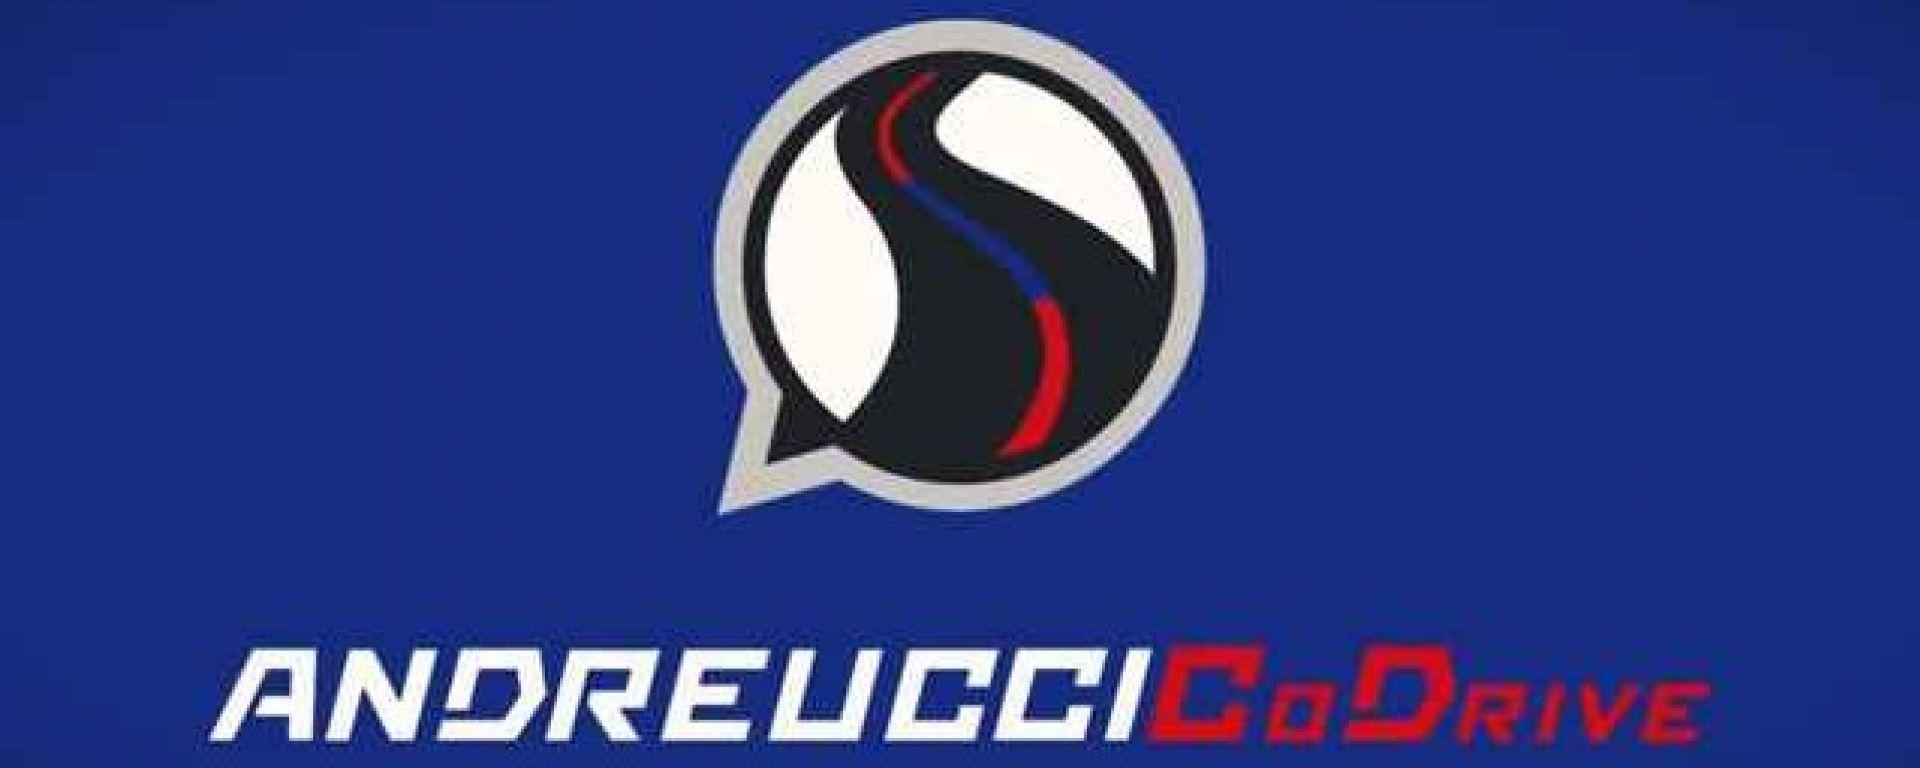 Andreucci CoDrive - l'app di Paolo Andreucci che ti dice la curva